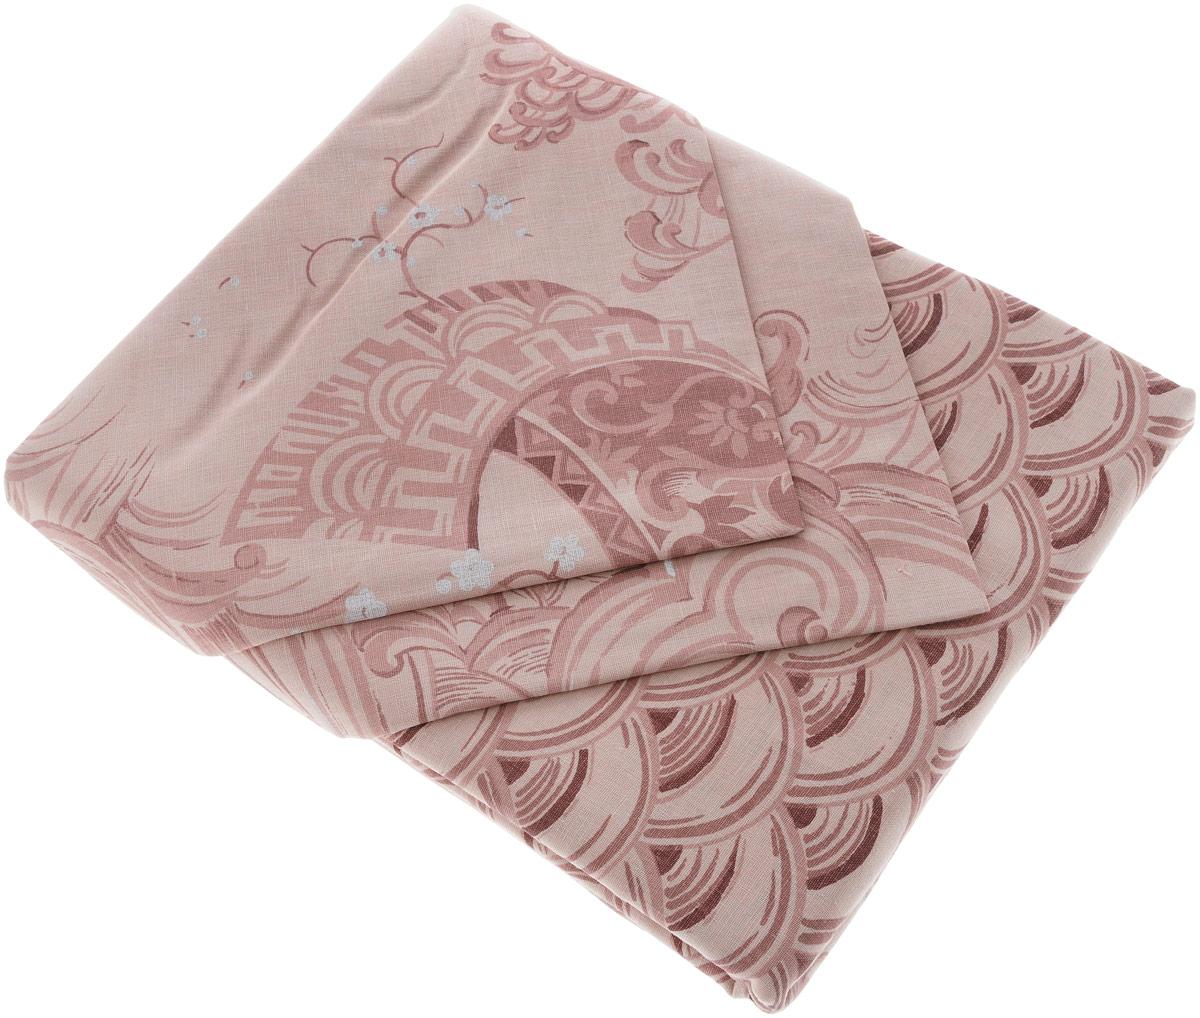 Комплект белья Гаврилов-Ямский Лен, 2-спальный, наволочки 70x70. 62645со6264Комплект постельного белья Гаврилов-Ямский Лен состоит из простыни, пододеяльника и двух наволочек. Изделия выполнены изо льна с добавлением хлопка (50% лен, 50% хлопок) и дополнены оригинальным рисунком. Лен - поистине уникальный природный материал, экологичнее которого сложно придумать. Изделия изо льна отличаются долгим сроком службы, не линяют, выдерживают множество стирок и сохраняют безупречный внешний вид долгое время. Льняное постельное белье обладает уникальными потребительскими свойствами - оно даст вам ощущение прохлады в жаркую ночь и согреет в холода.